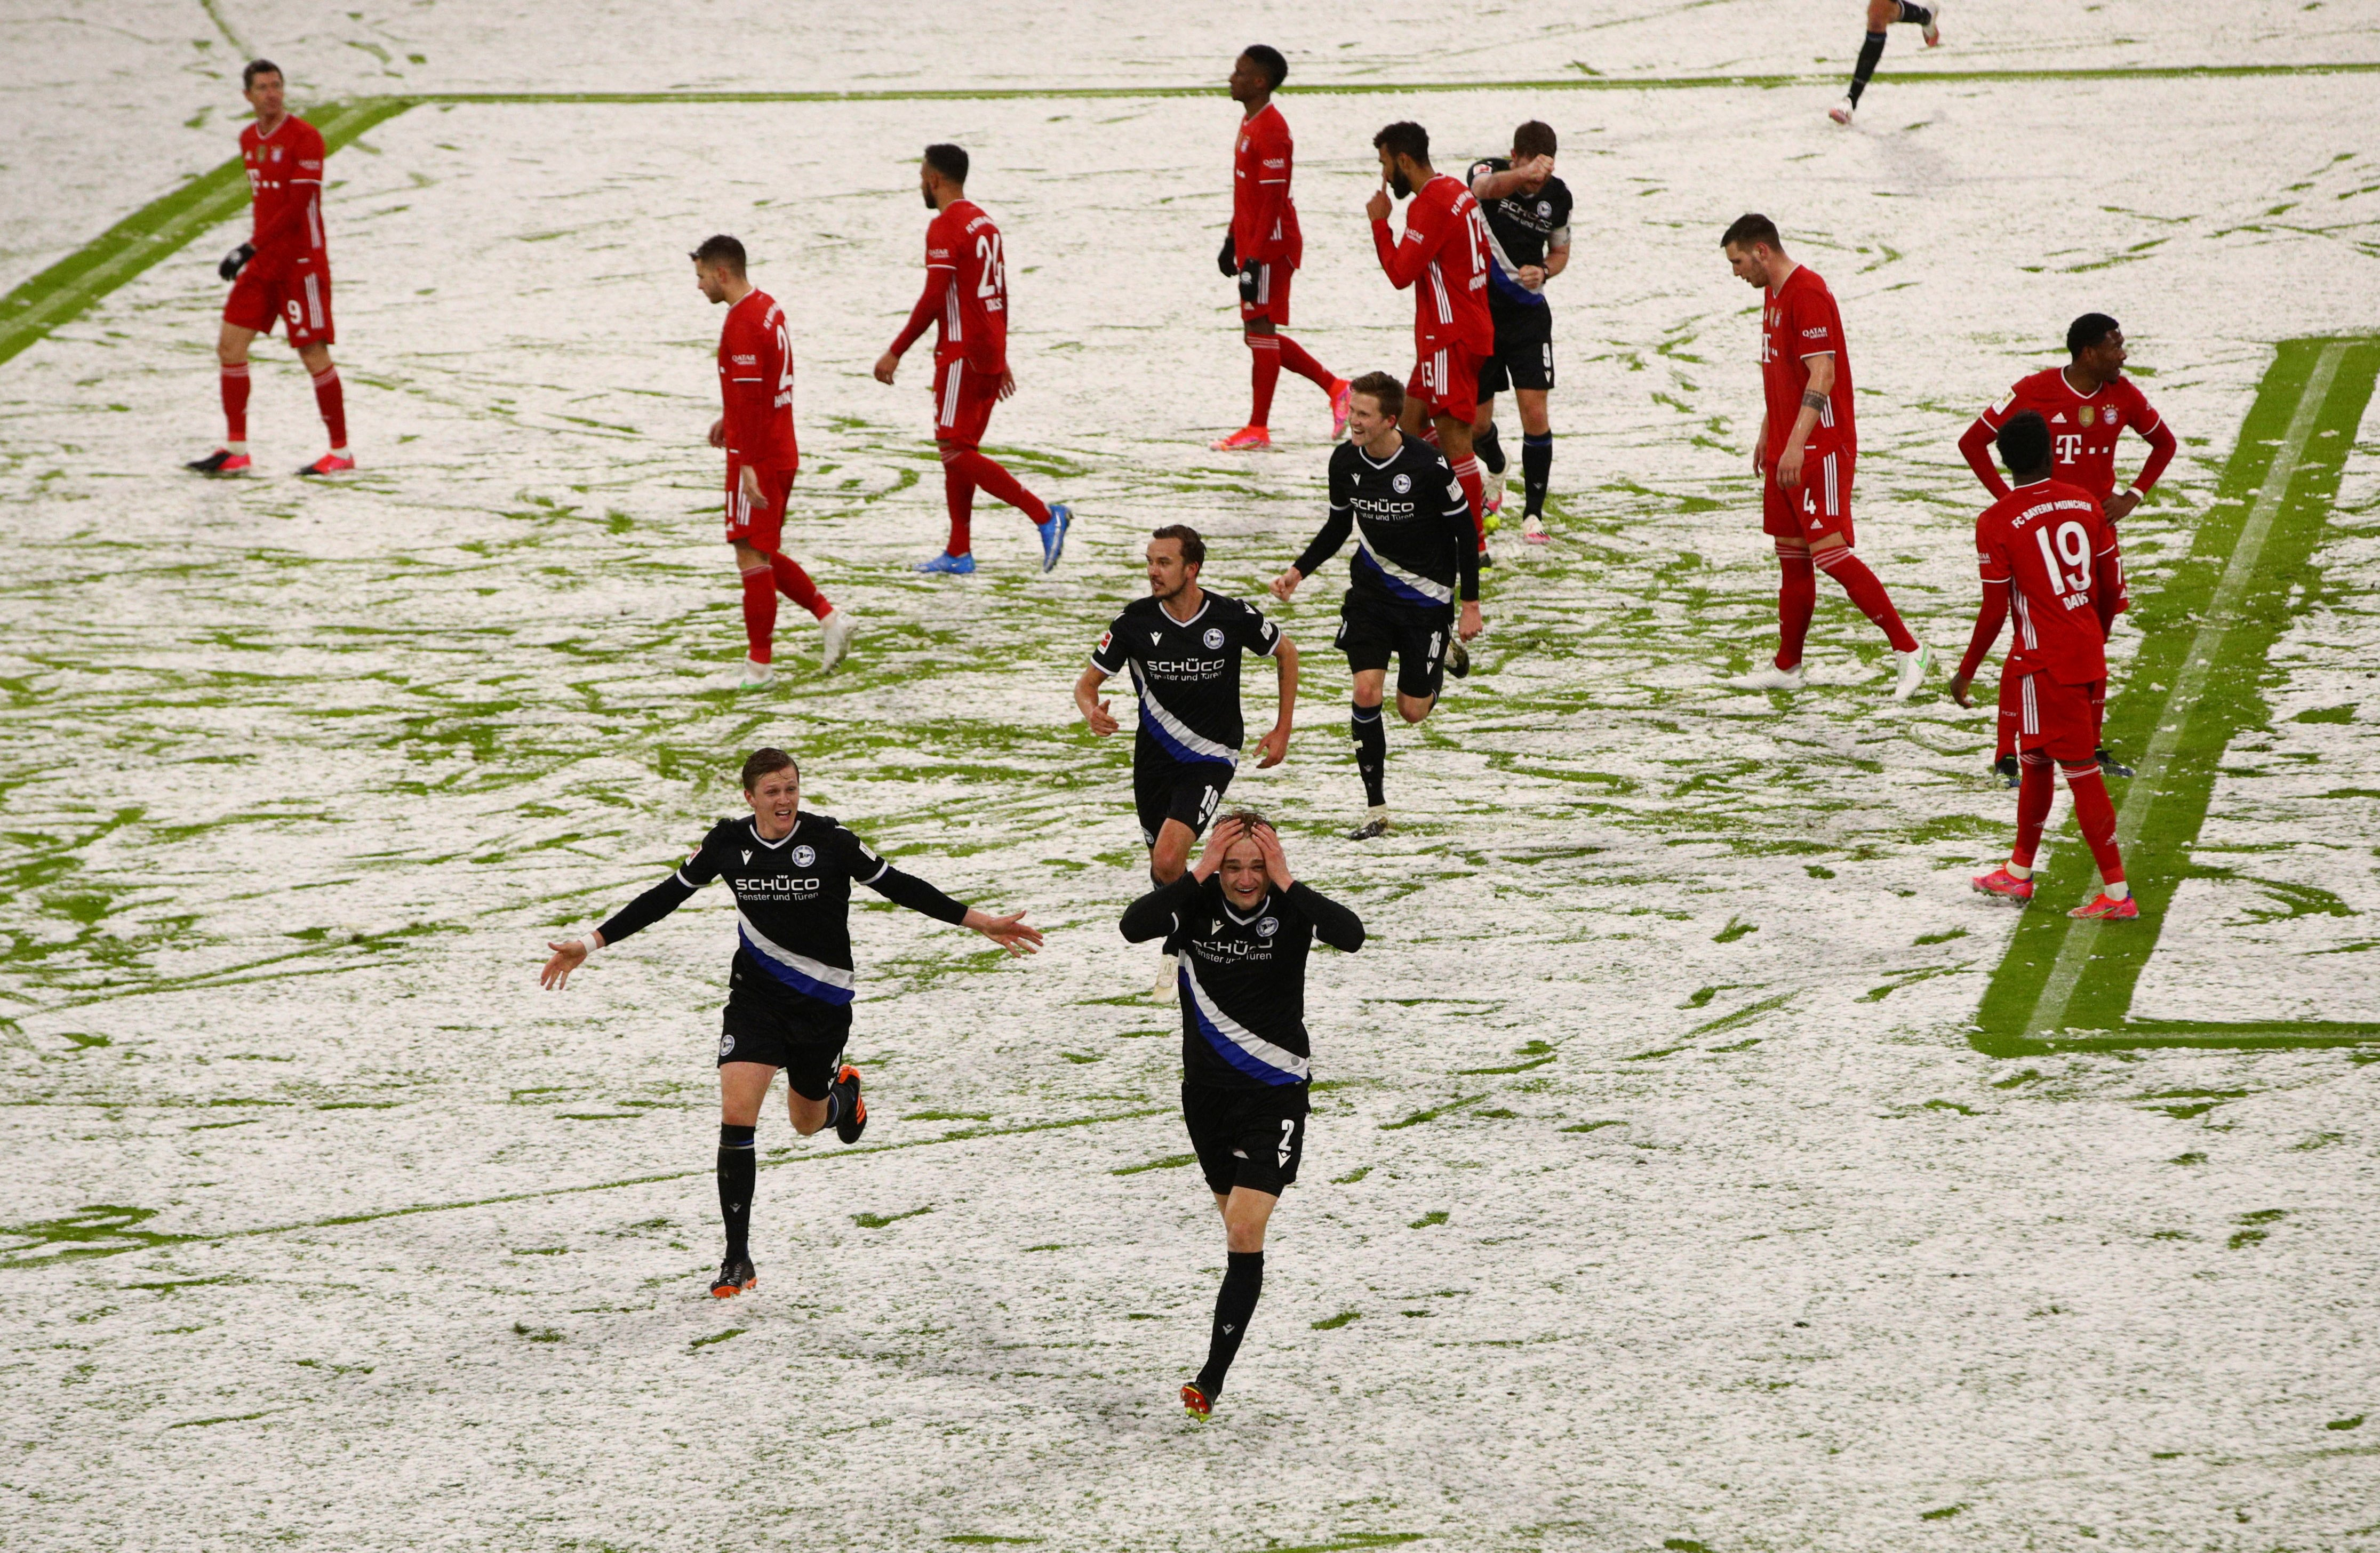 «Бавария» сыграла вничью с «Арминией» в матче с шестью голами